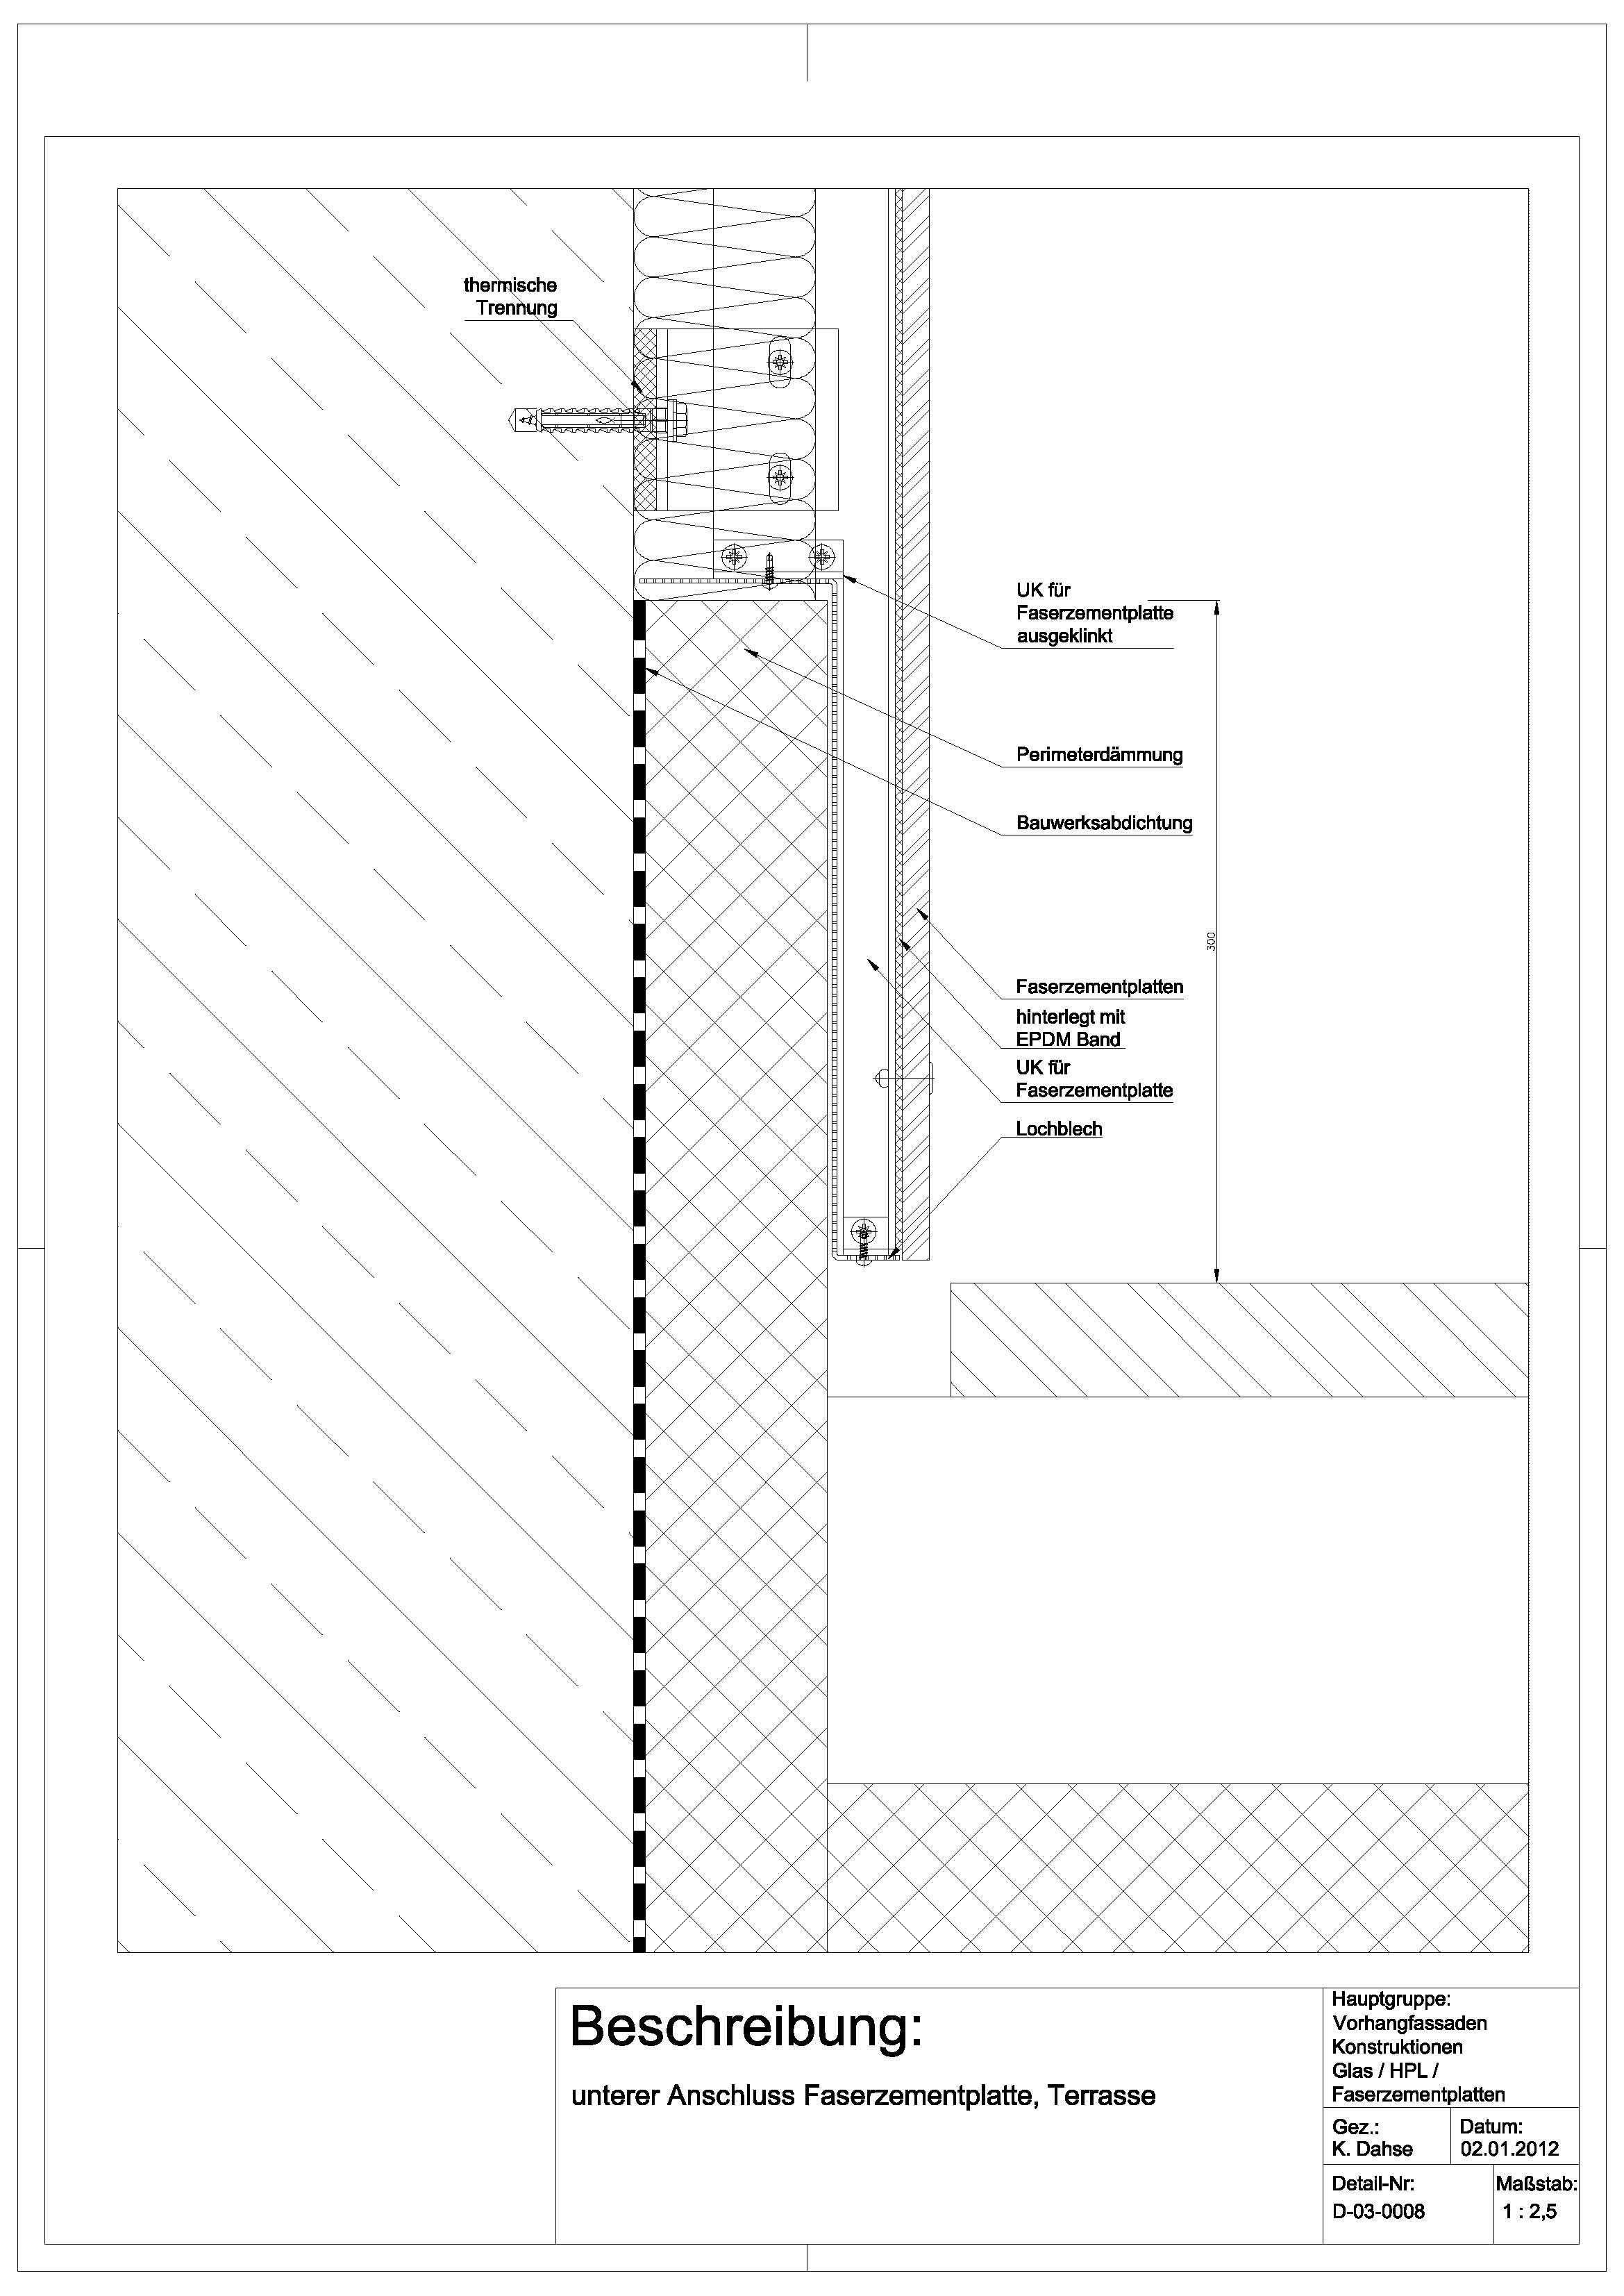 D 03 0008 Unterer Anschluss Faserzementplatte Terrasse Detail